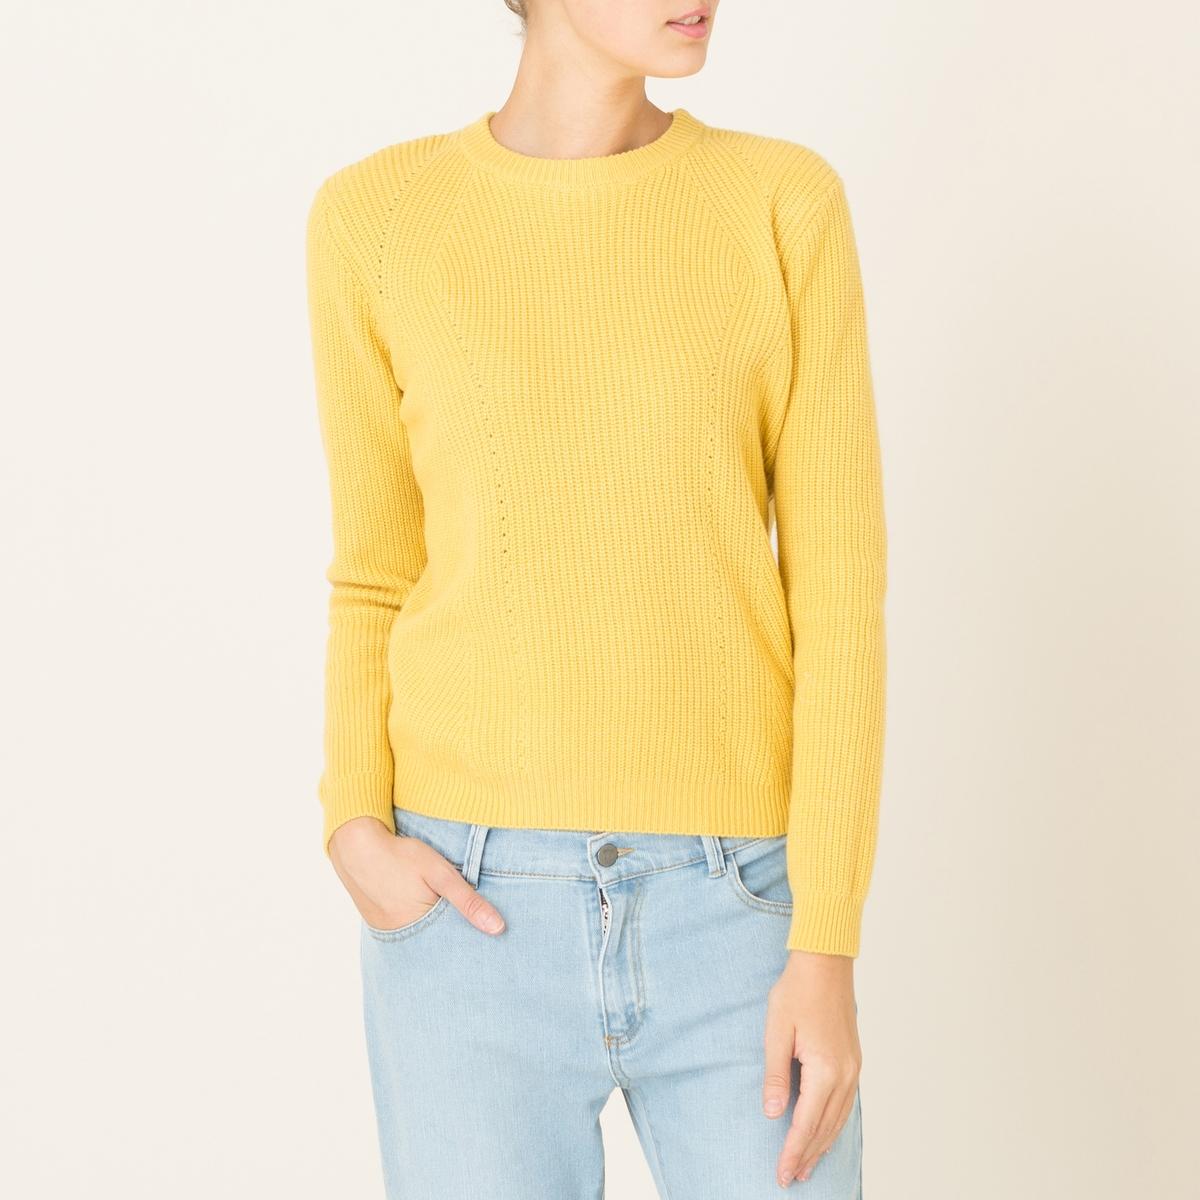 Пуловер TOCADEСостав и описание Материал : 47% шерсти, 38% вискозы, 10% полиамида, 5% кашемираМарка : HARRIS WILSON<br><br>Цвет: желтый,экрю<br>Размер: S.M